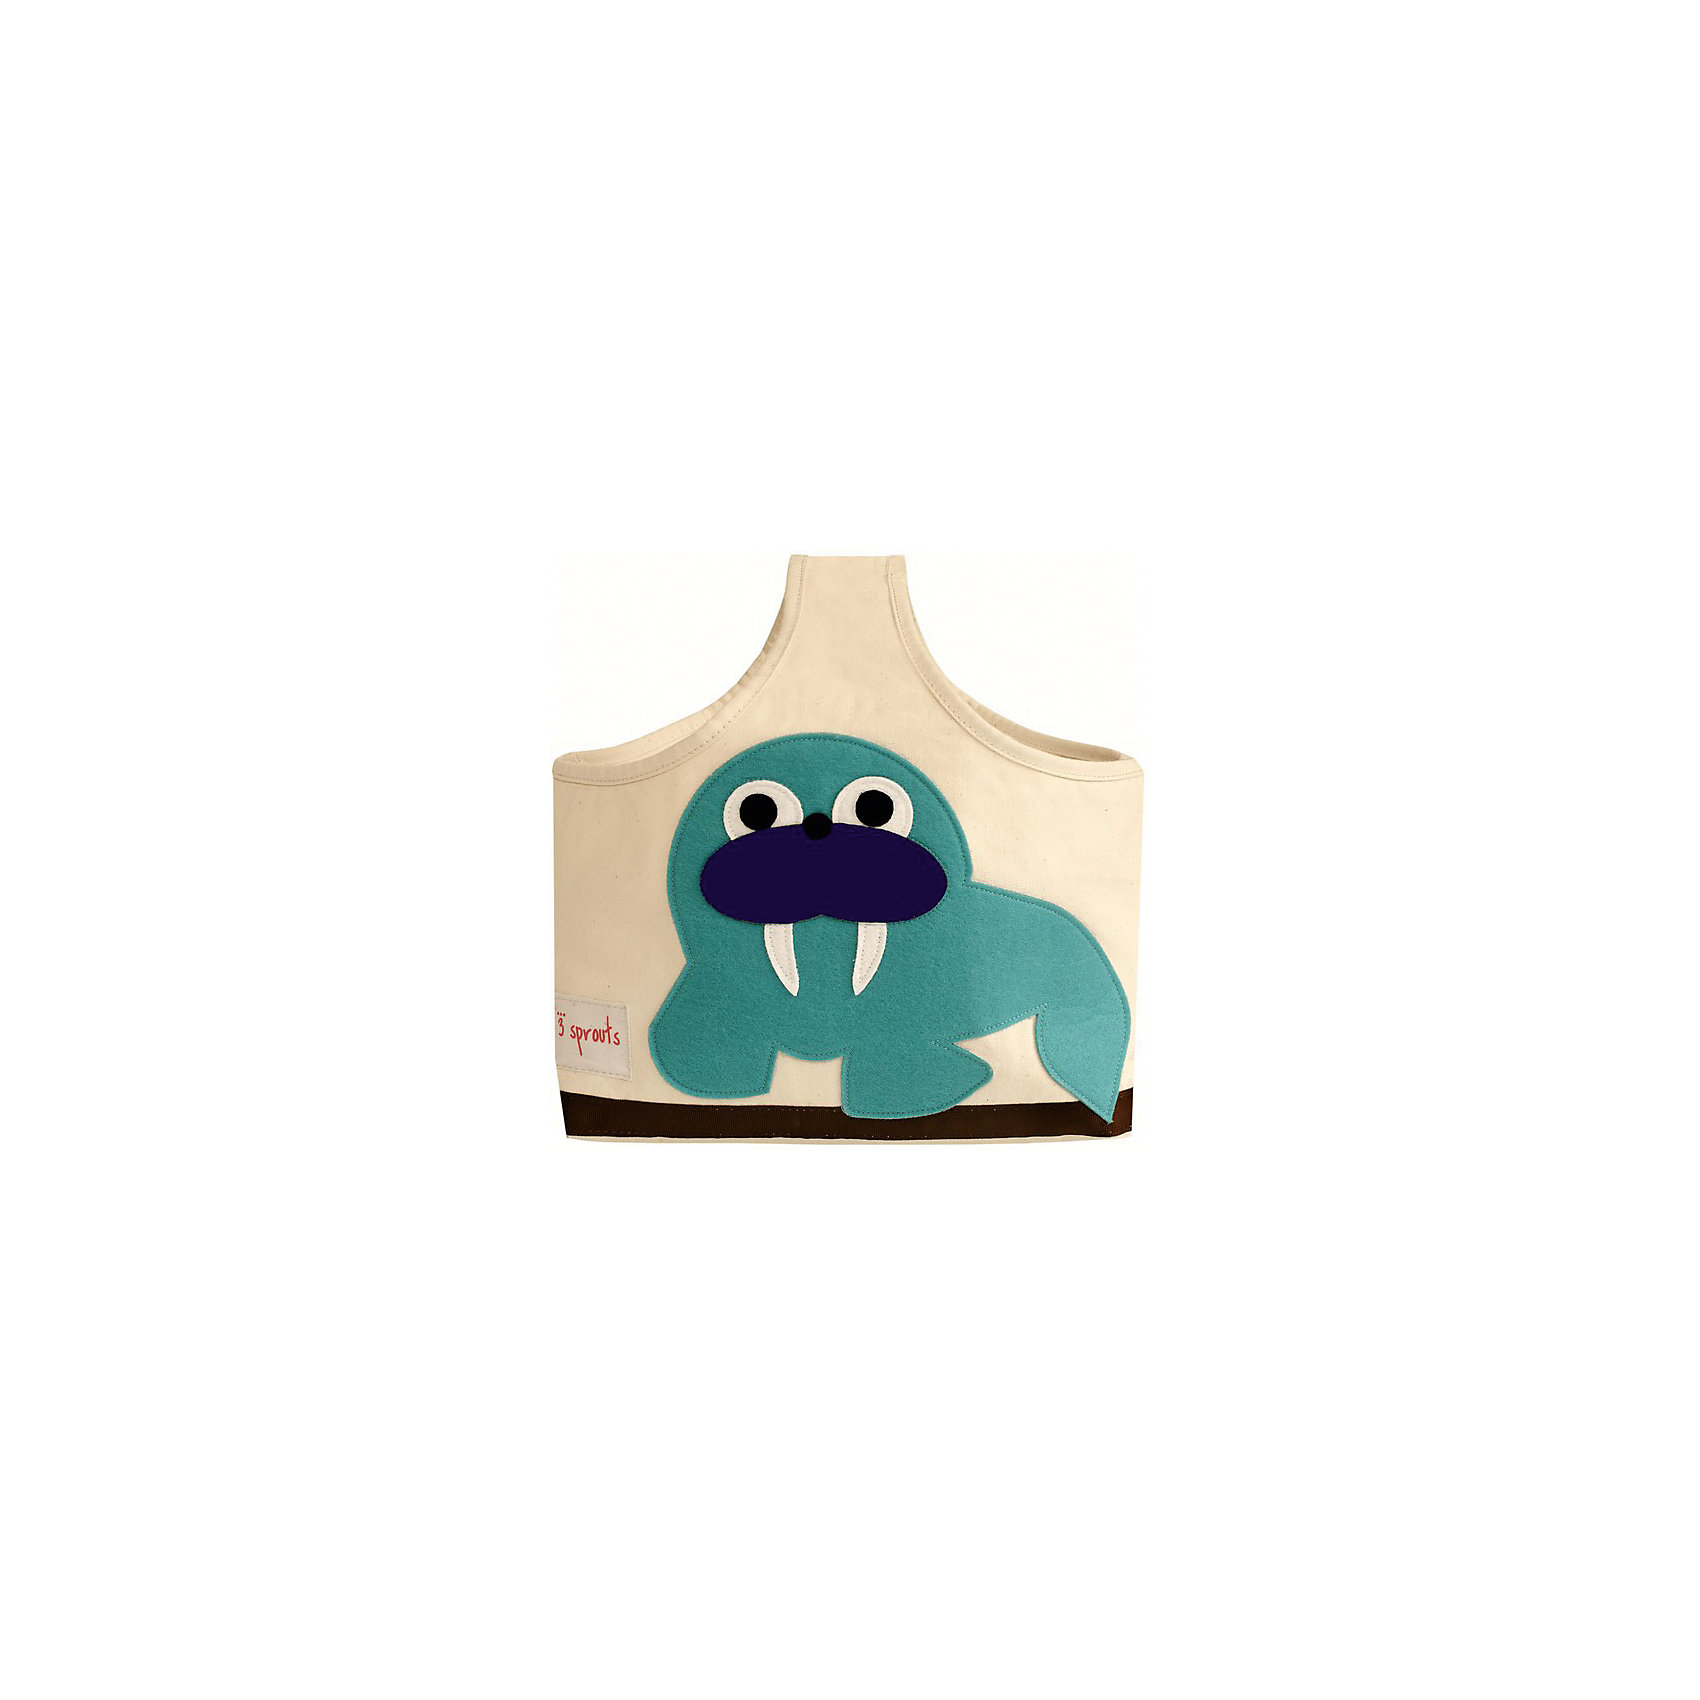 Сумочка для хранения детских принадлежностей Морж (Blue Walrus), 3 SproutsЯркая сумочка - это идеальное решение для хранения детских принадлежностей. Изготовленная из хлопкового брезента и фетра, она является прекрасным контейнером для хранения и переноски любых детских принадлежностей.<br><br>Дополнительная информация:<br><br>- Размер: 38x30x14 см.<br>- Материал: хлопок, фетр, полиэстер.<br>- Орнамент: Морж.<br><br>Купить сумочку для хранения детских принадлежностей Морж (Blue Walrus), можно в нашем магазине.<br><br>Ширина мм: 320<br>Глубина мм: 240<br>Высота мм: 20<br>Вес г: 234<br>Возраст от месяцев: 6<br>Возраст до месяцев: 84<br>Пол: Унисекс<br>Возраст: Детский<br>SKU: 5098234